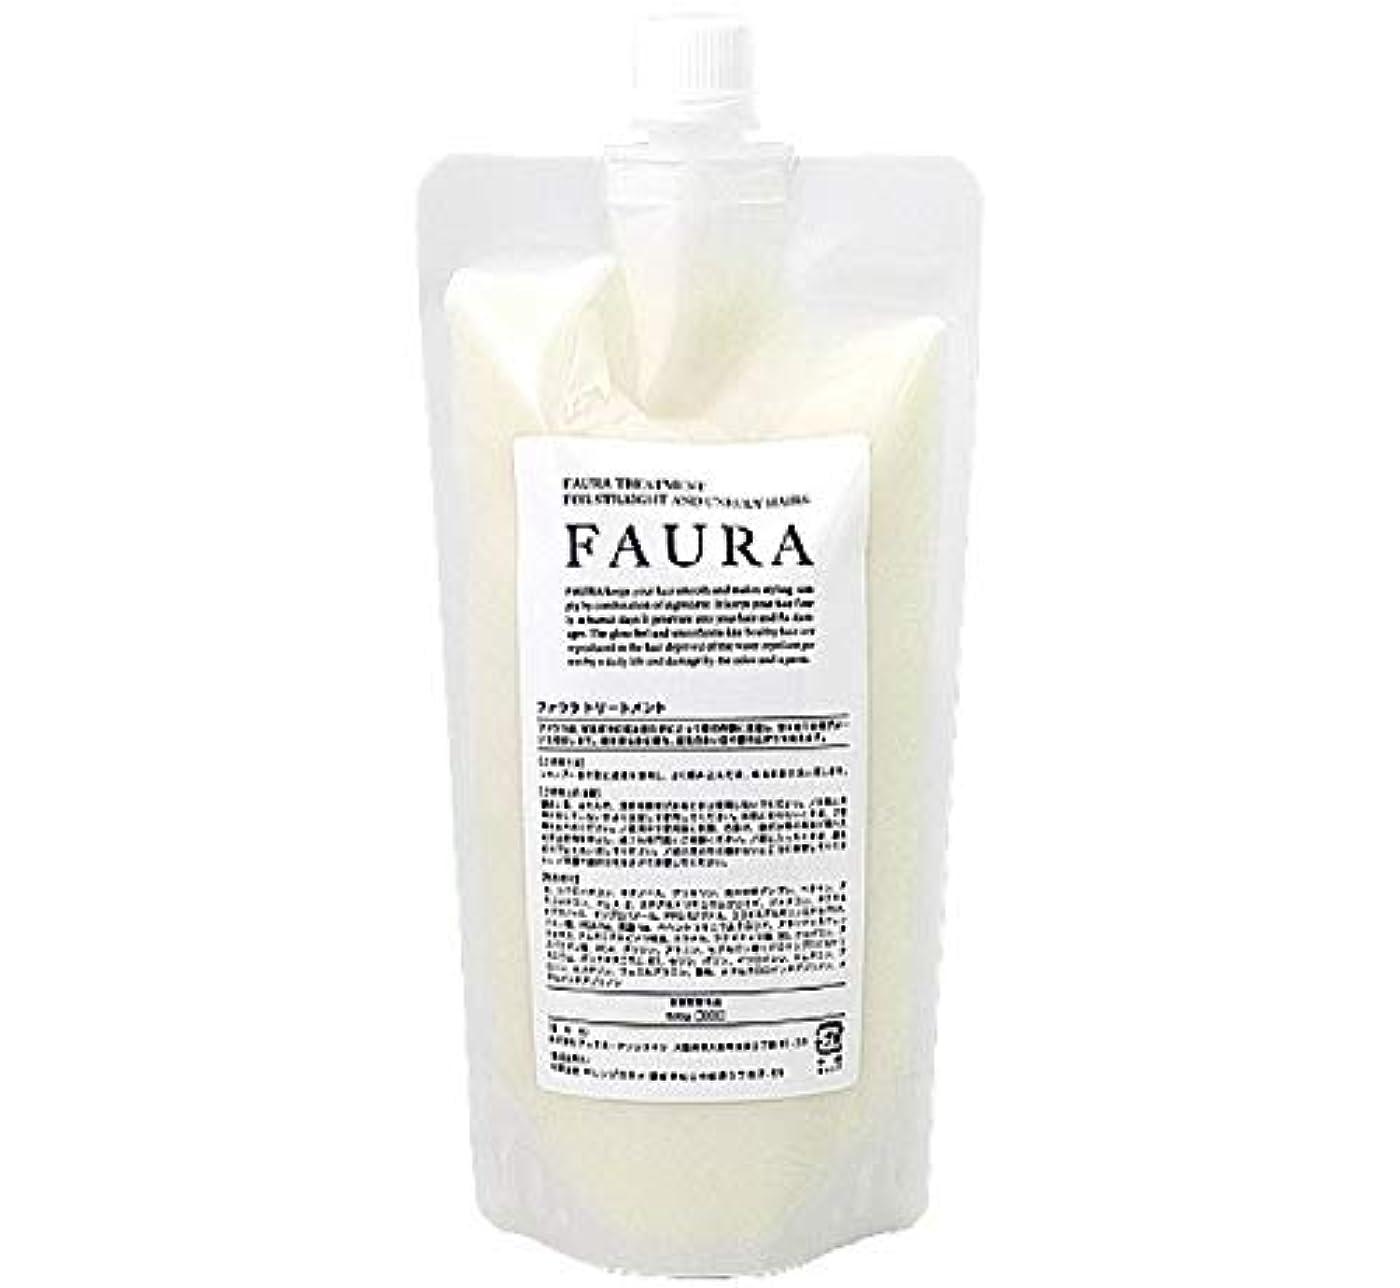 出力ヒールアーティスト【発売1年で3万本の売上】FAURA ファウラ ヘアトリートメント (傷んだ髪に) 詰替500g 【サロン専売品】